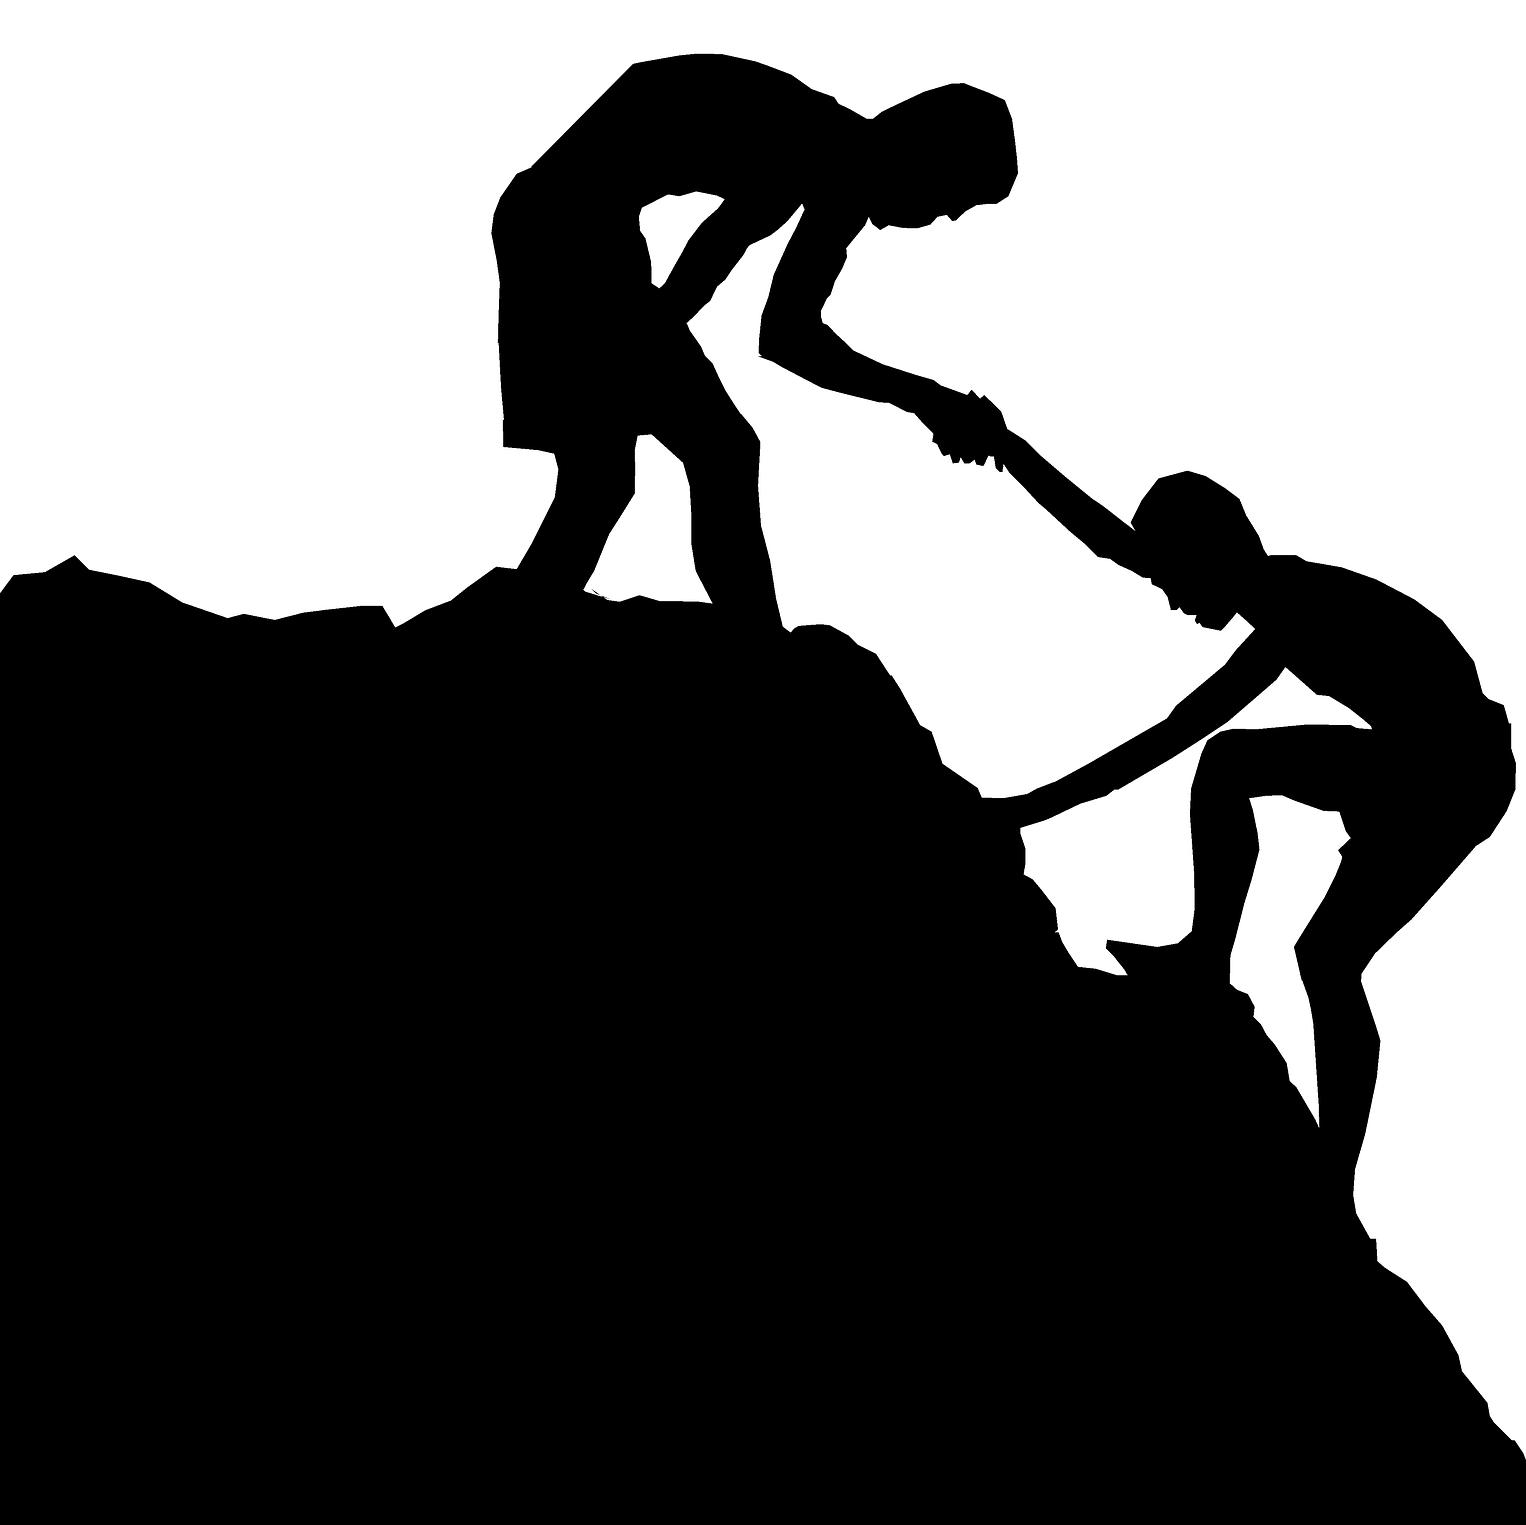 gegenseitige Unterstützung